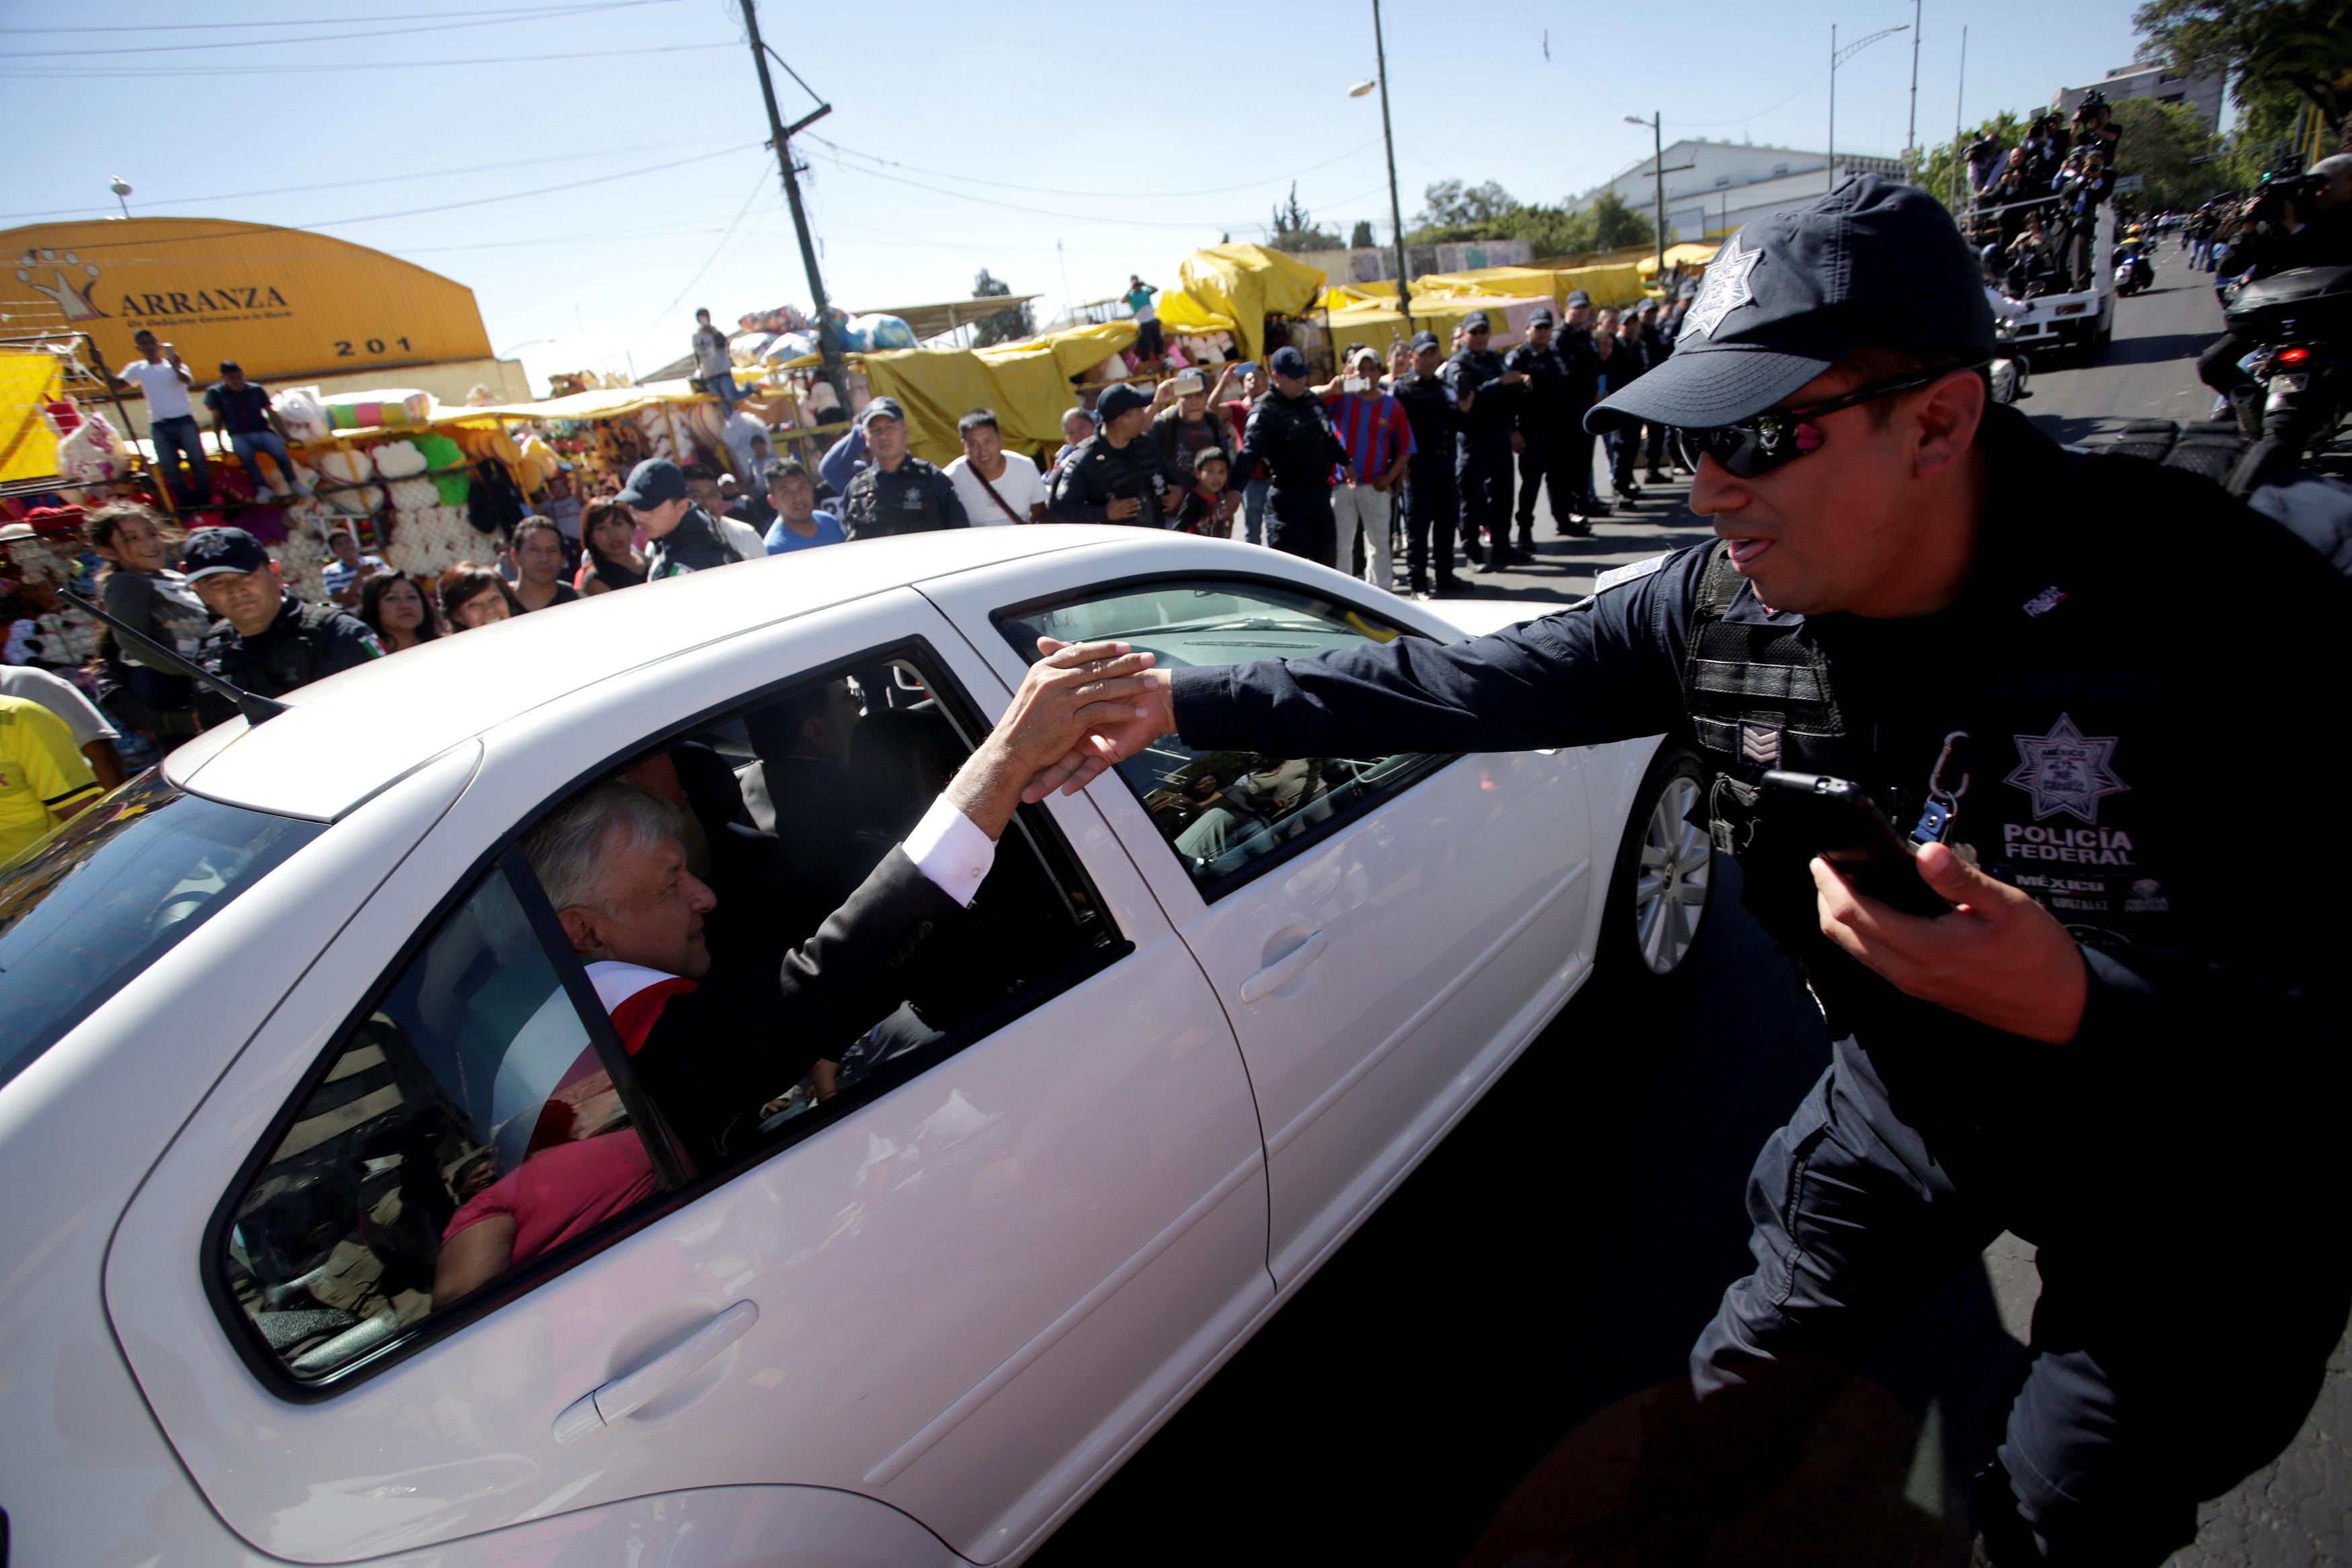 ضابط شرطة فيدرالي يصافح الرئيس الجديد للمكسيك